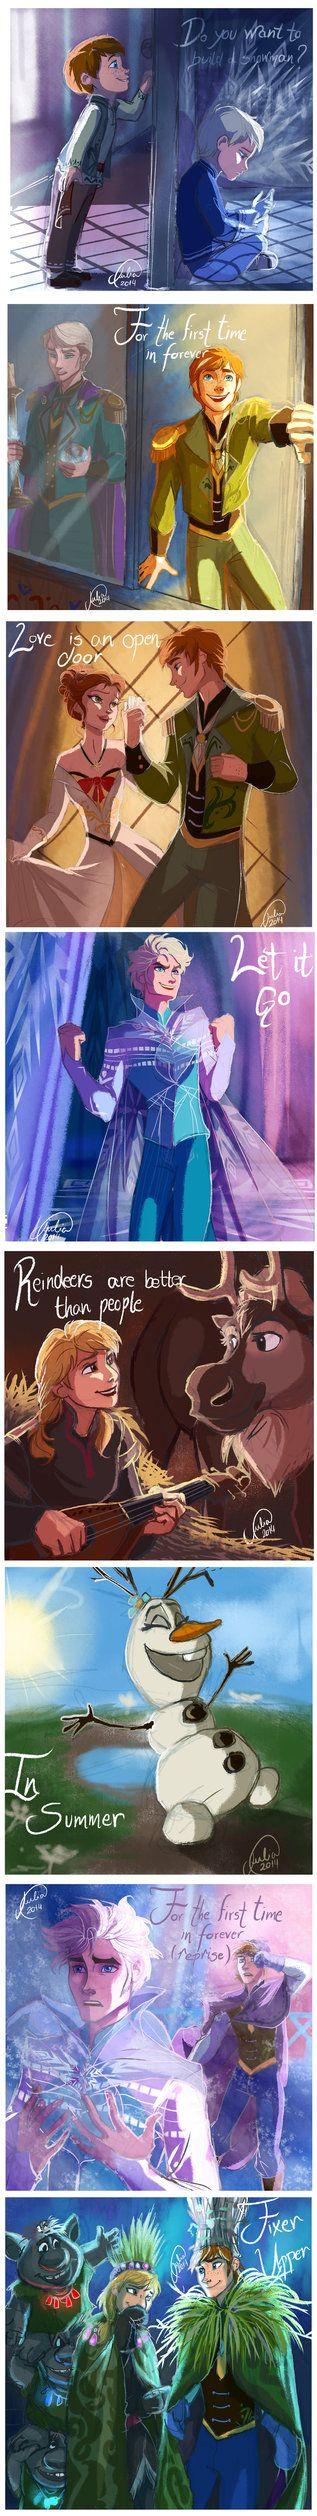 Frozen Songs - Genderbend by juliajm15